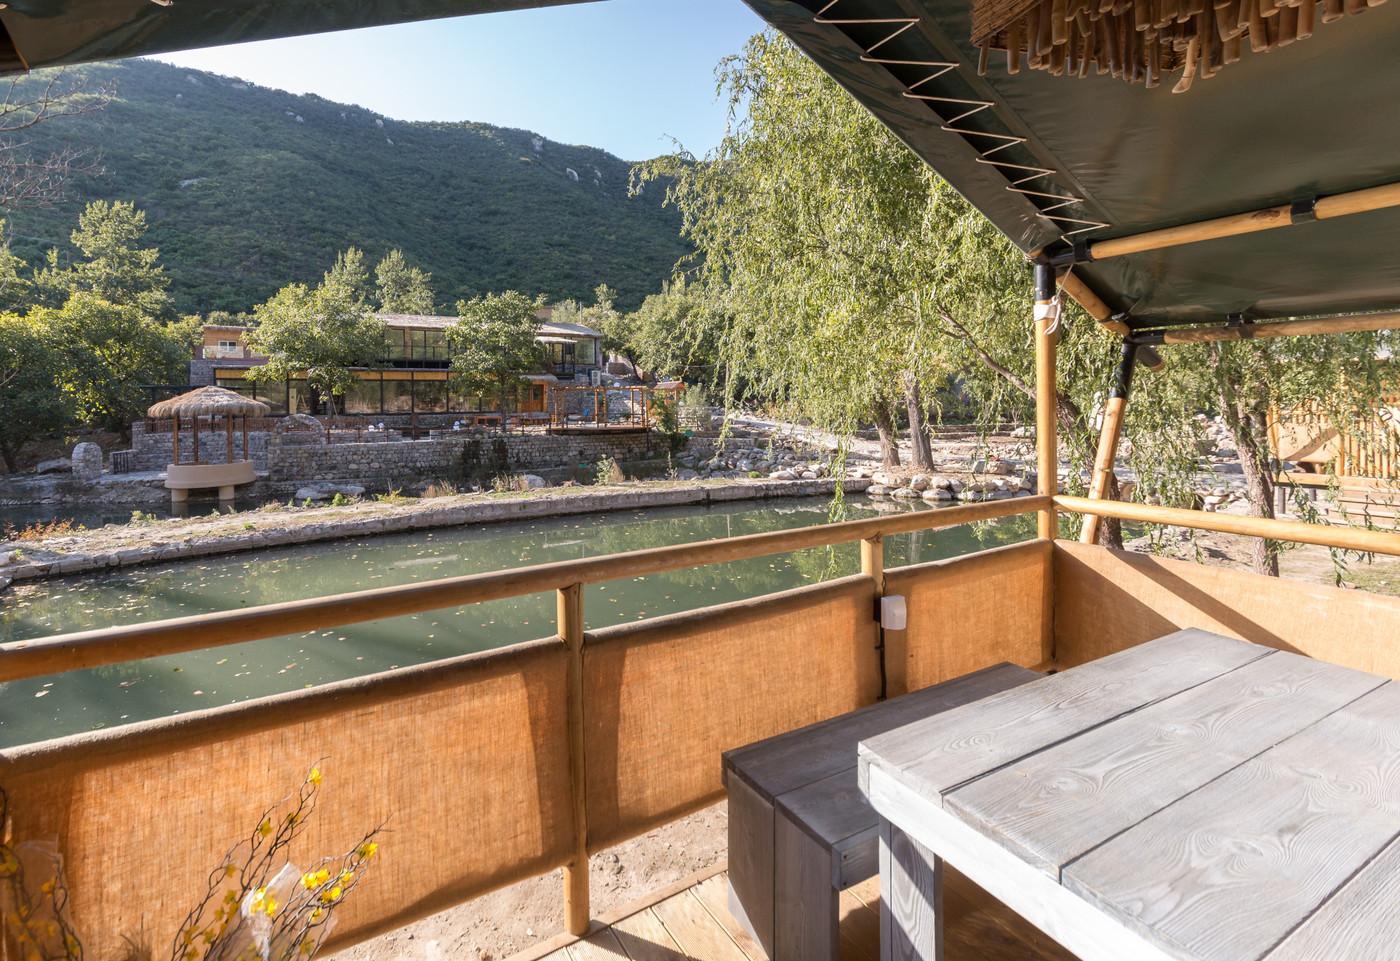 喜马拉雅野奢帐篷酒店一北京石头 剪刀 布一私享院子 54平山谷型  20